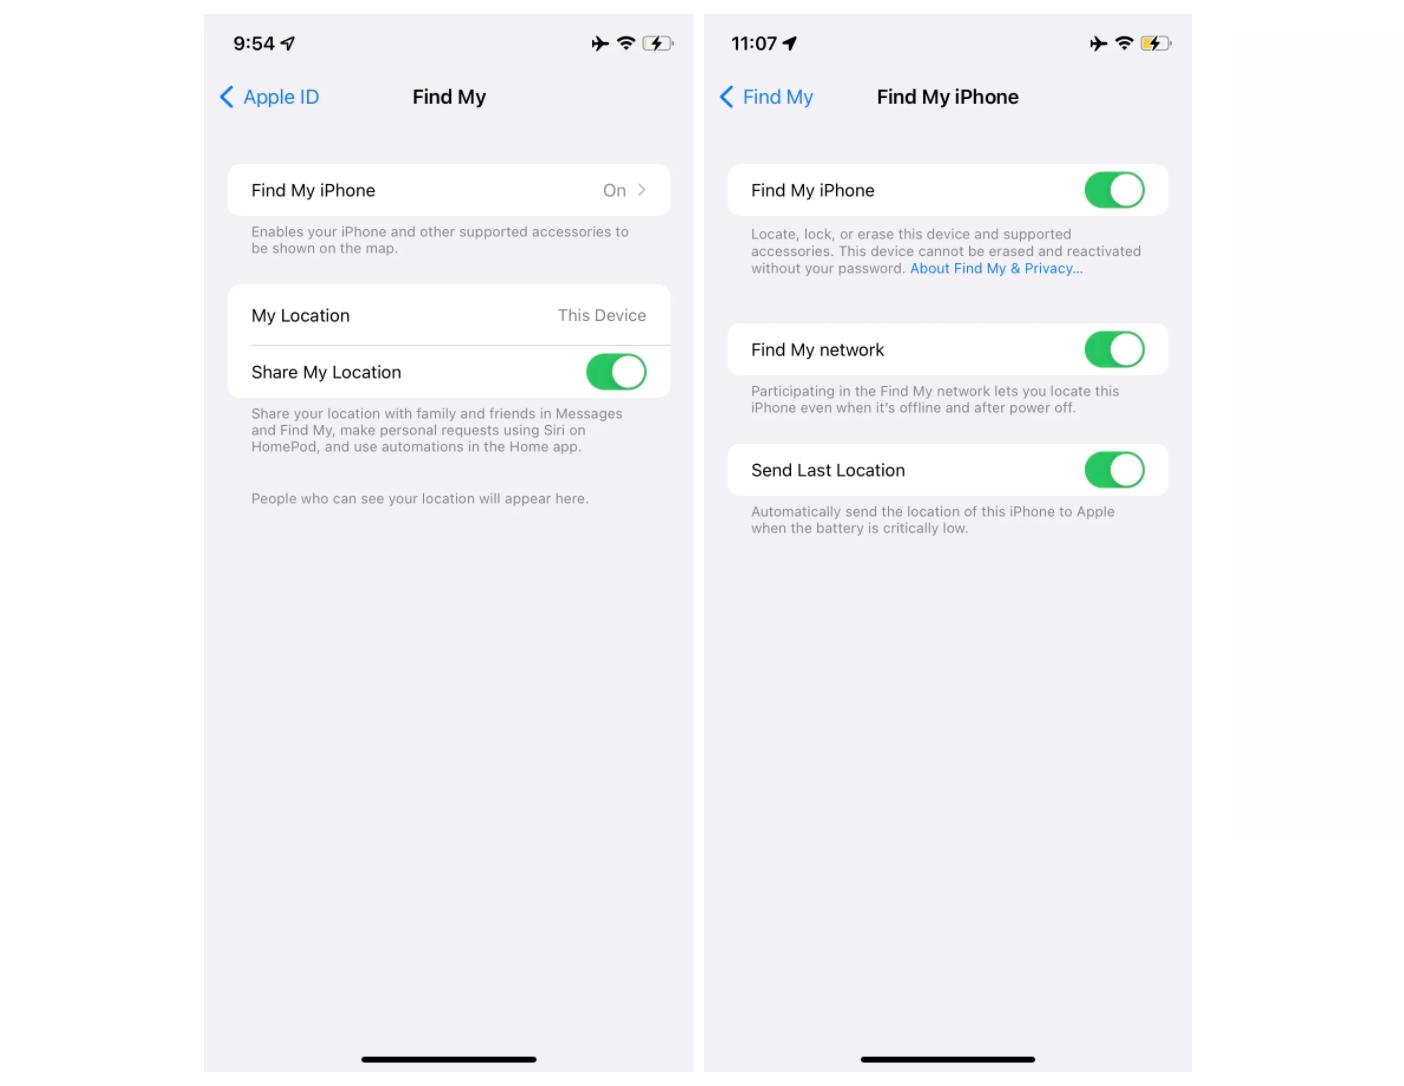 Як знайти втрачений iPhone - навіть якщо він вимкнений - tech, news, gadzhety